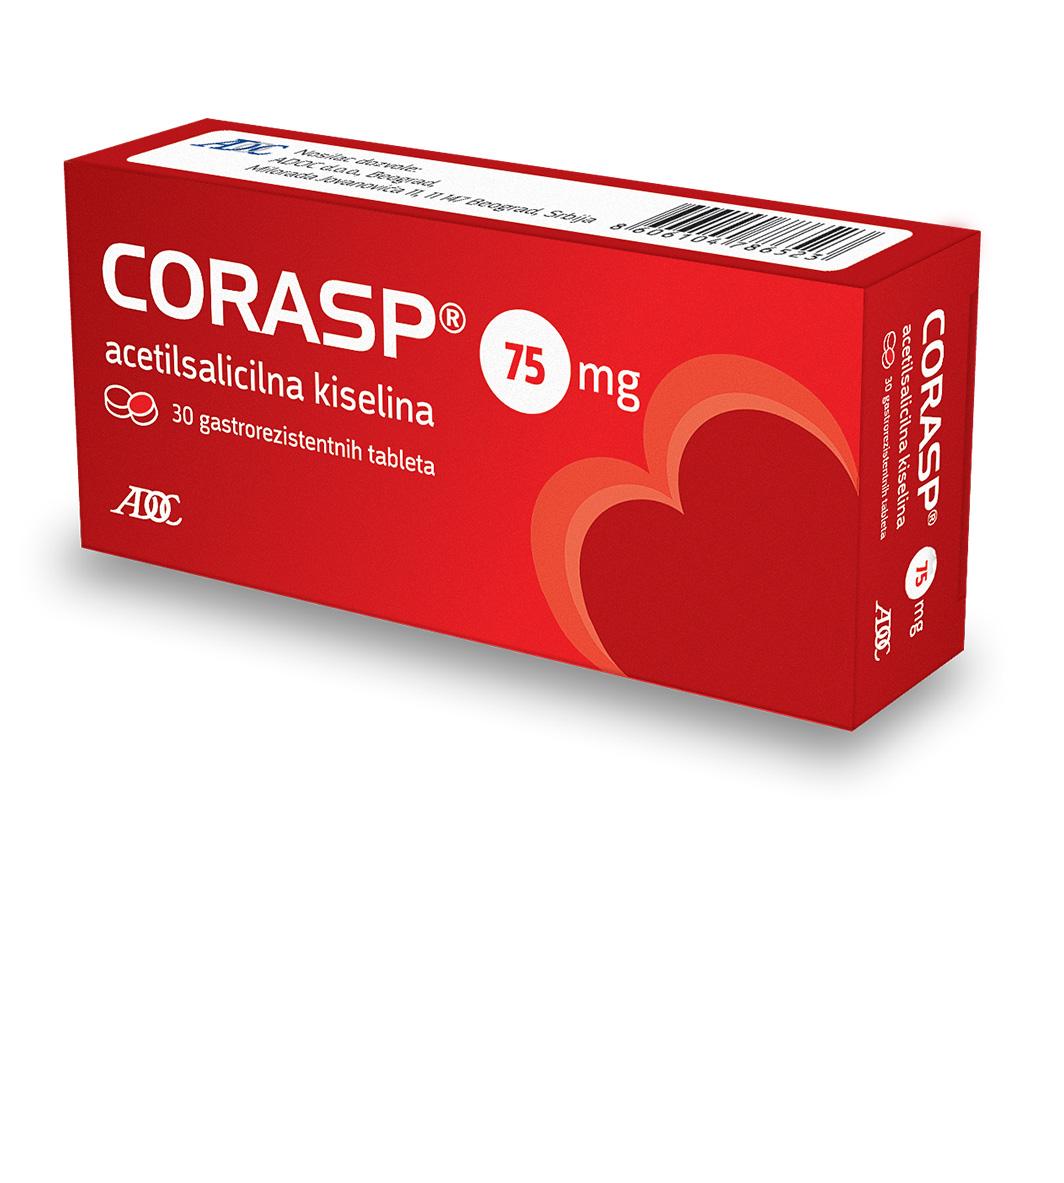 Corasp 75mg - Kad srce pozove